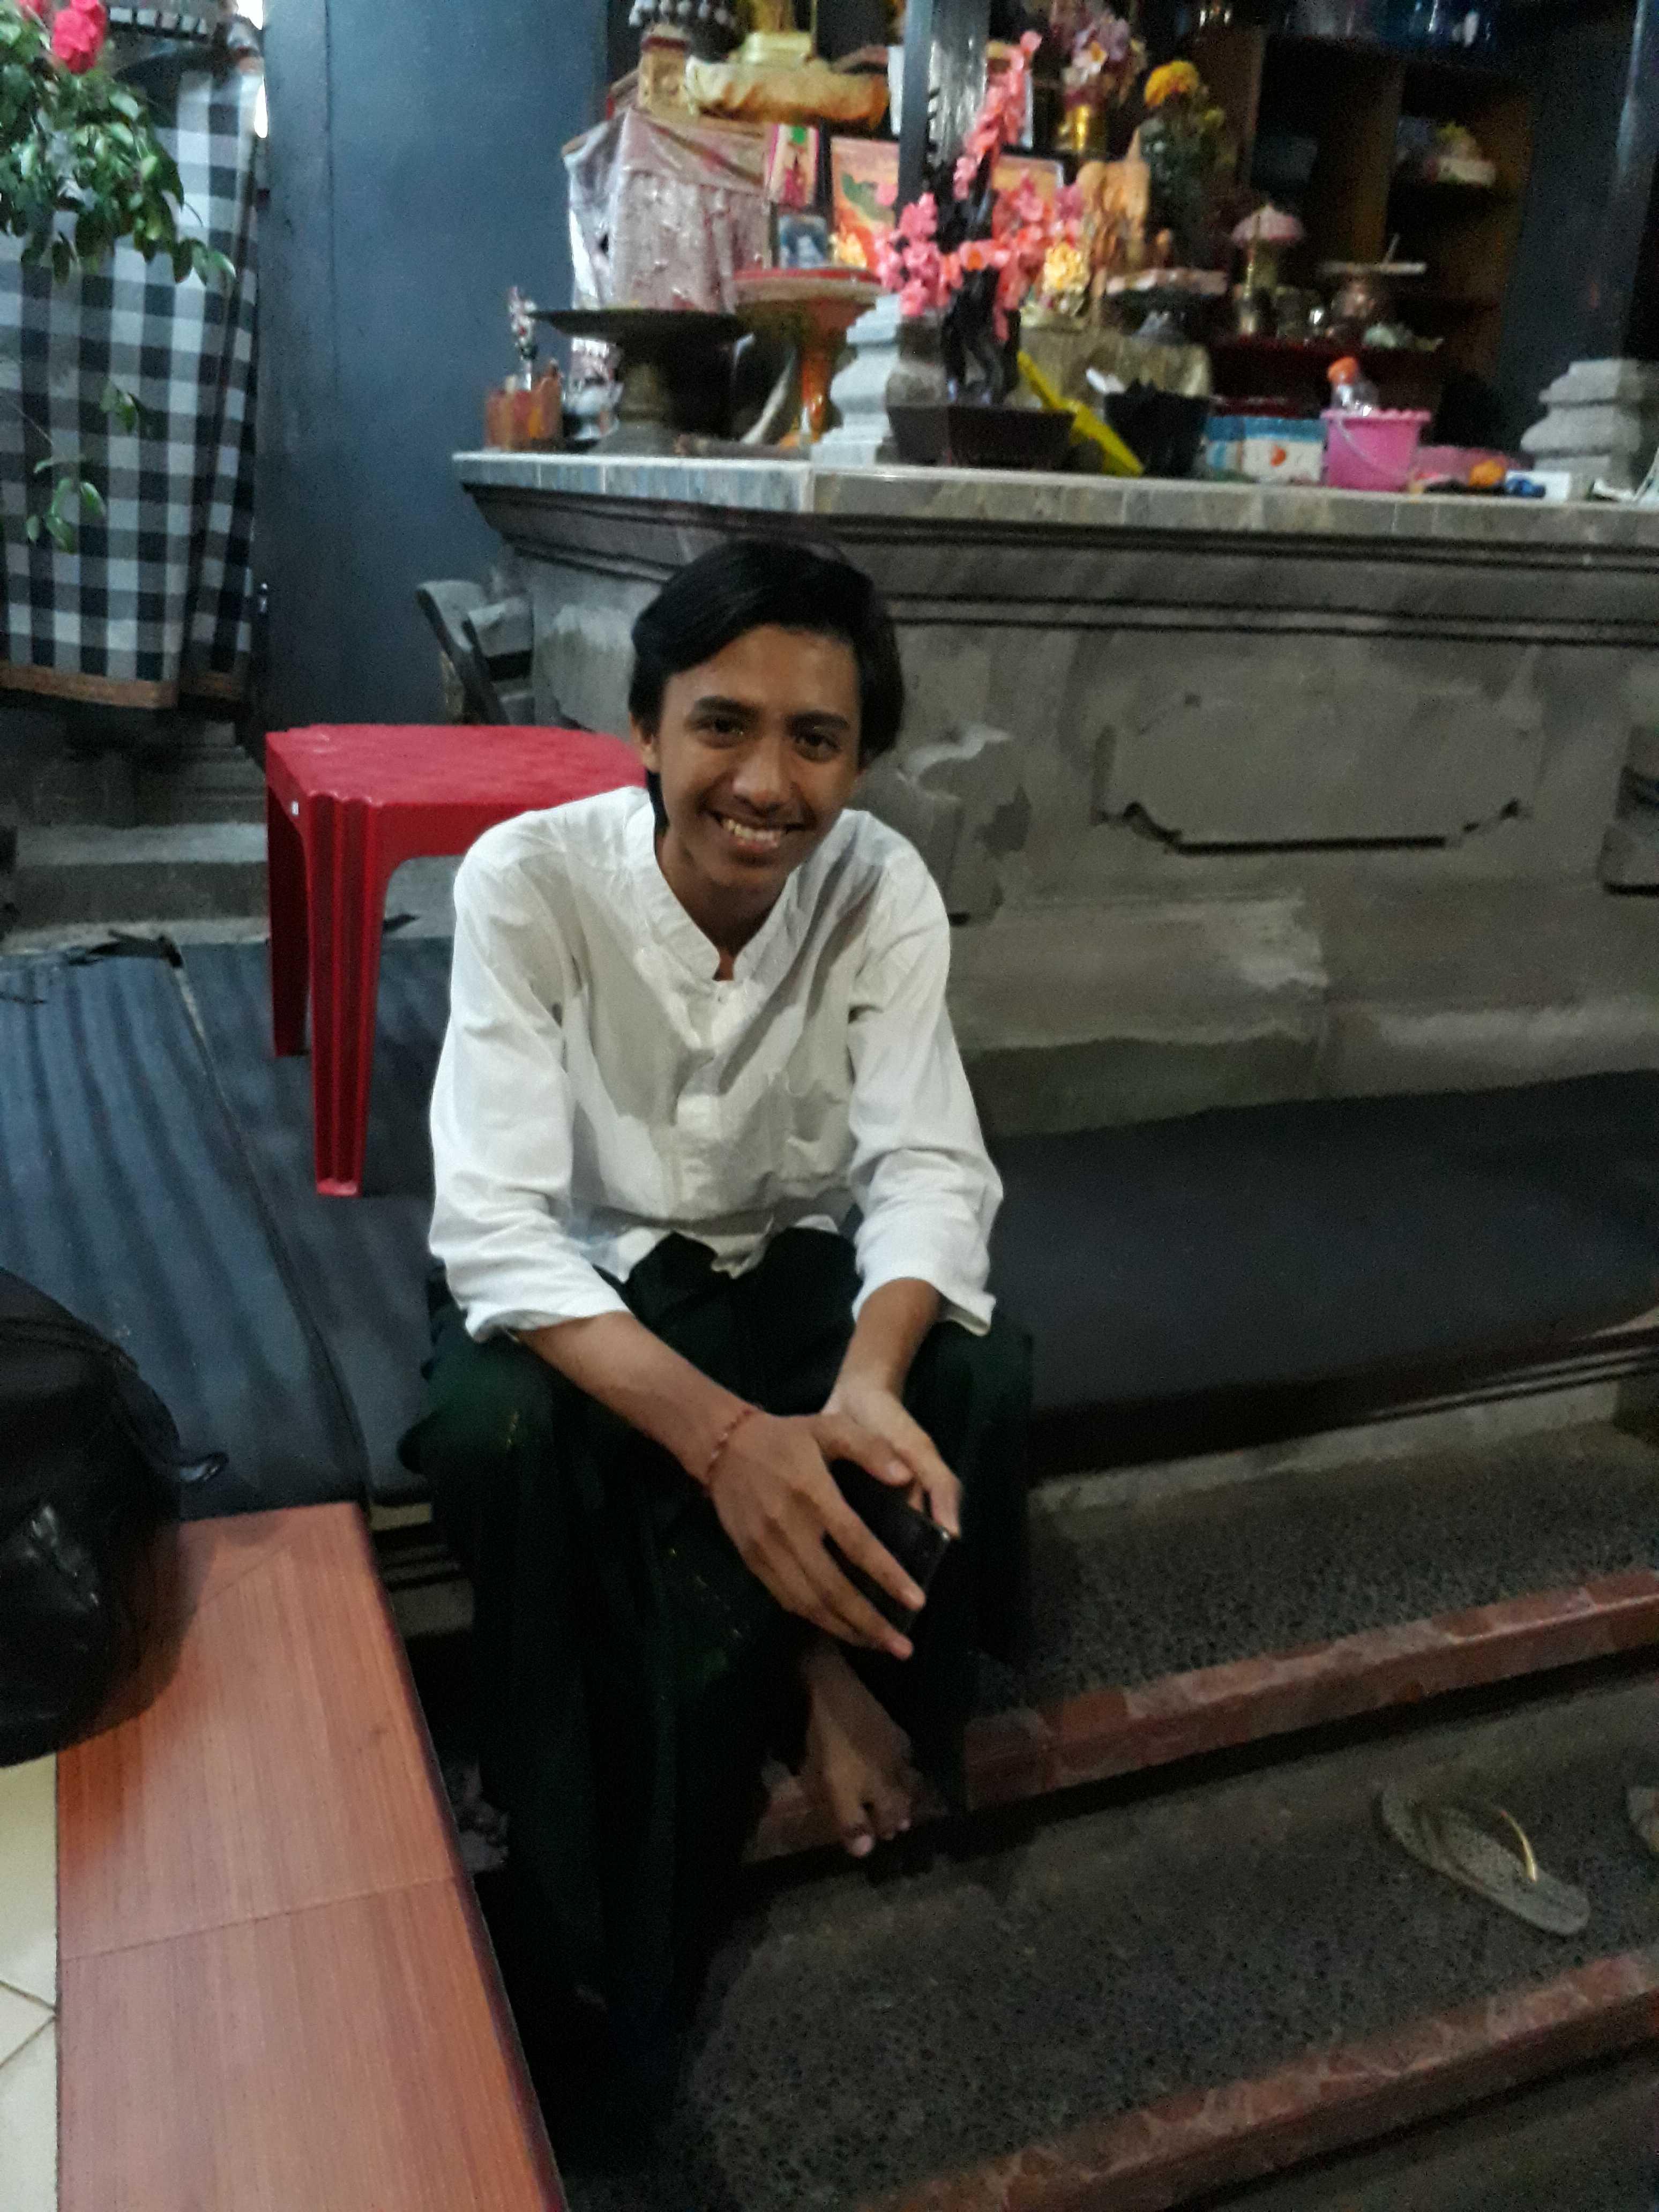 I Made Danan Jaya, guru Bahasa Sanskerta berusia 19 tahun